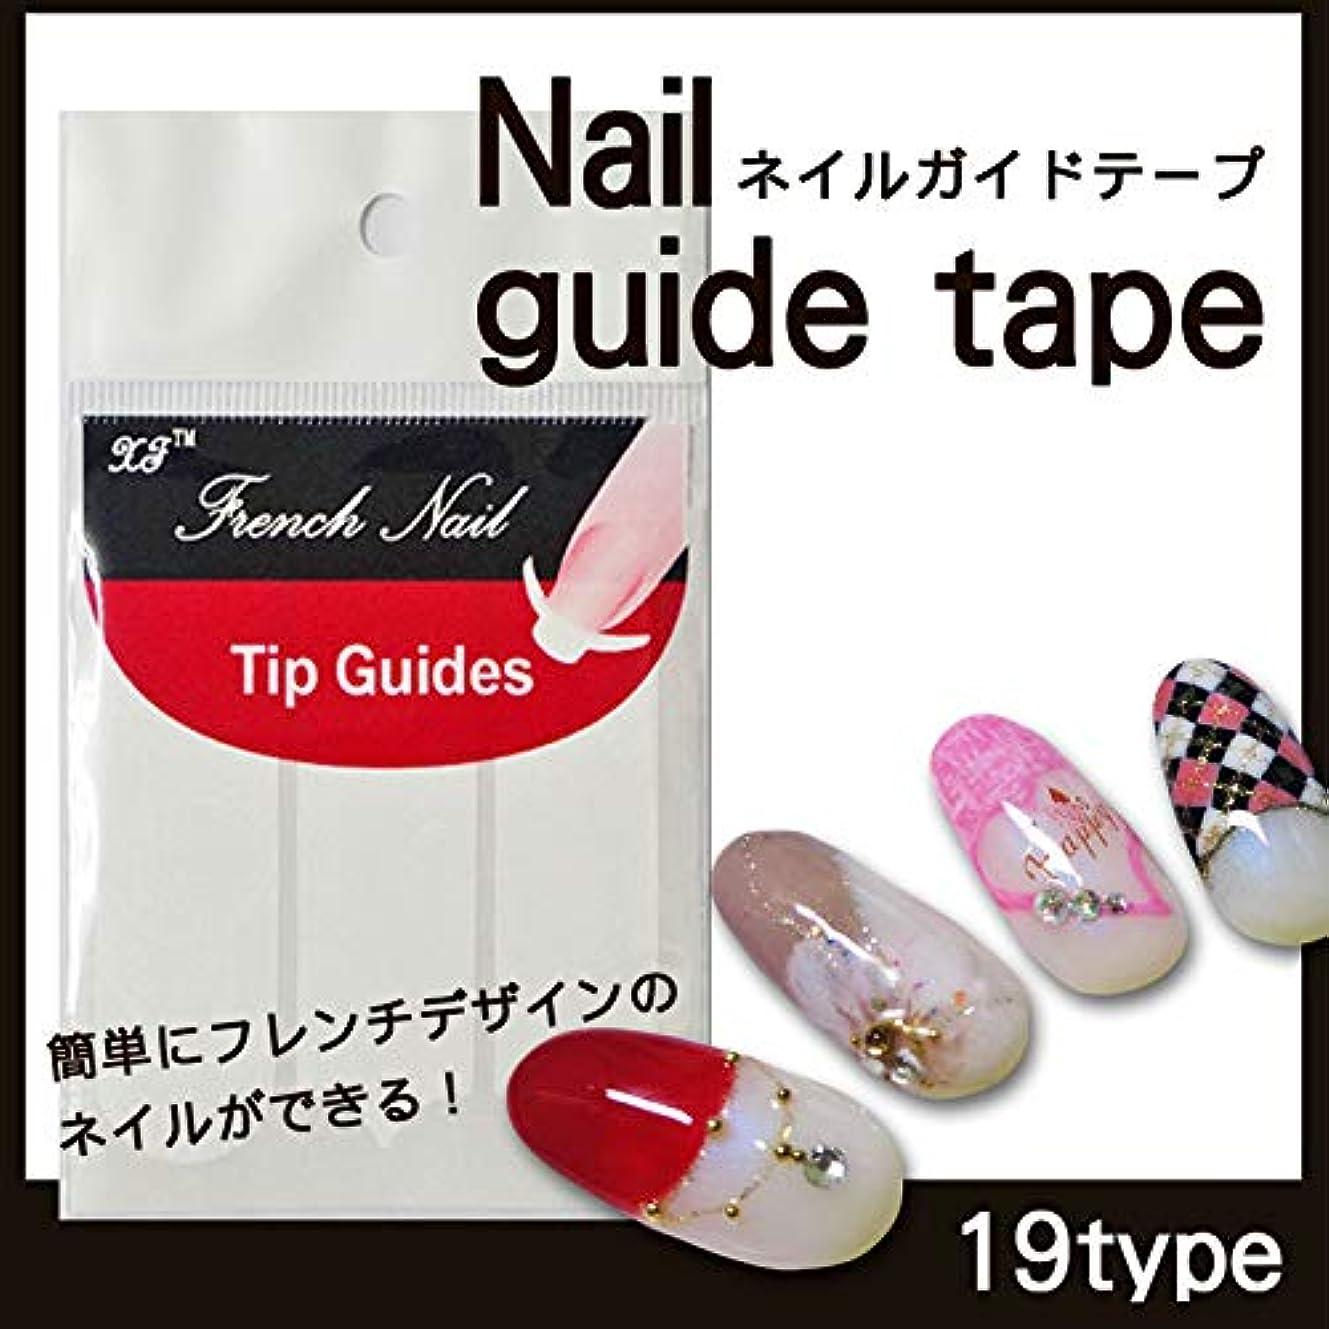 ボット平野静かなネイル用 ガイドテープ (ガイドテープ【13】)